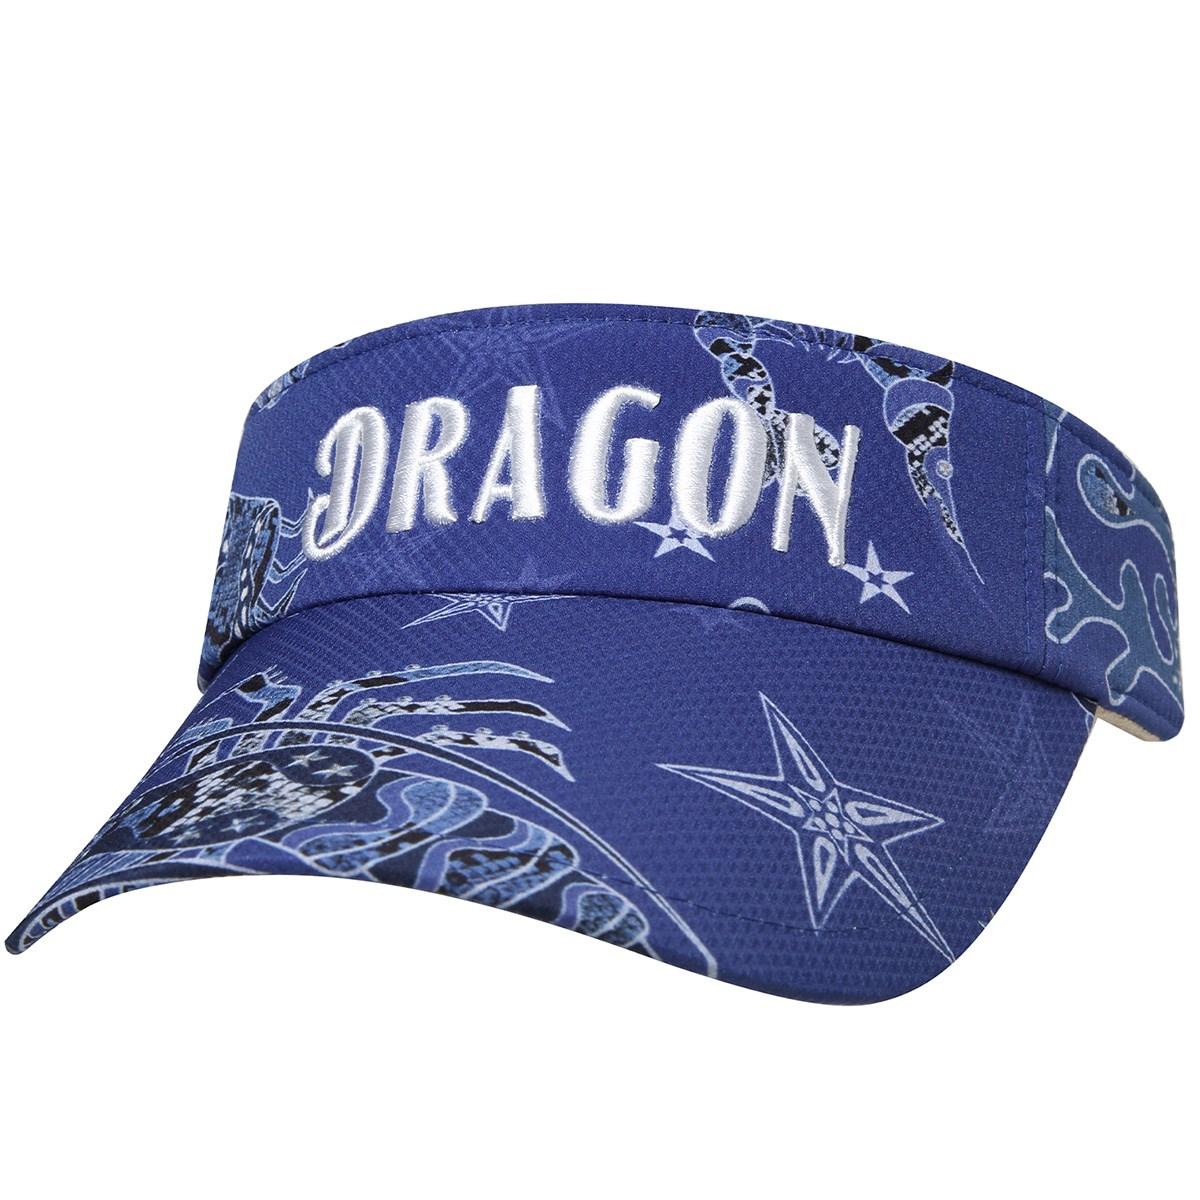 ダンスウィズドラゴン Dance With Dragon TOURISMプリント サンバイザー フリー ネイビー 069